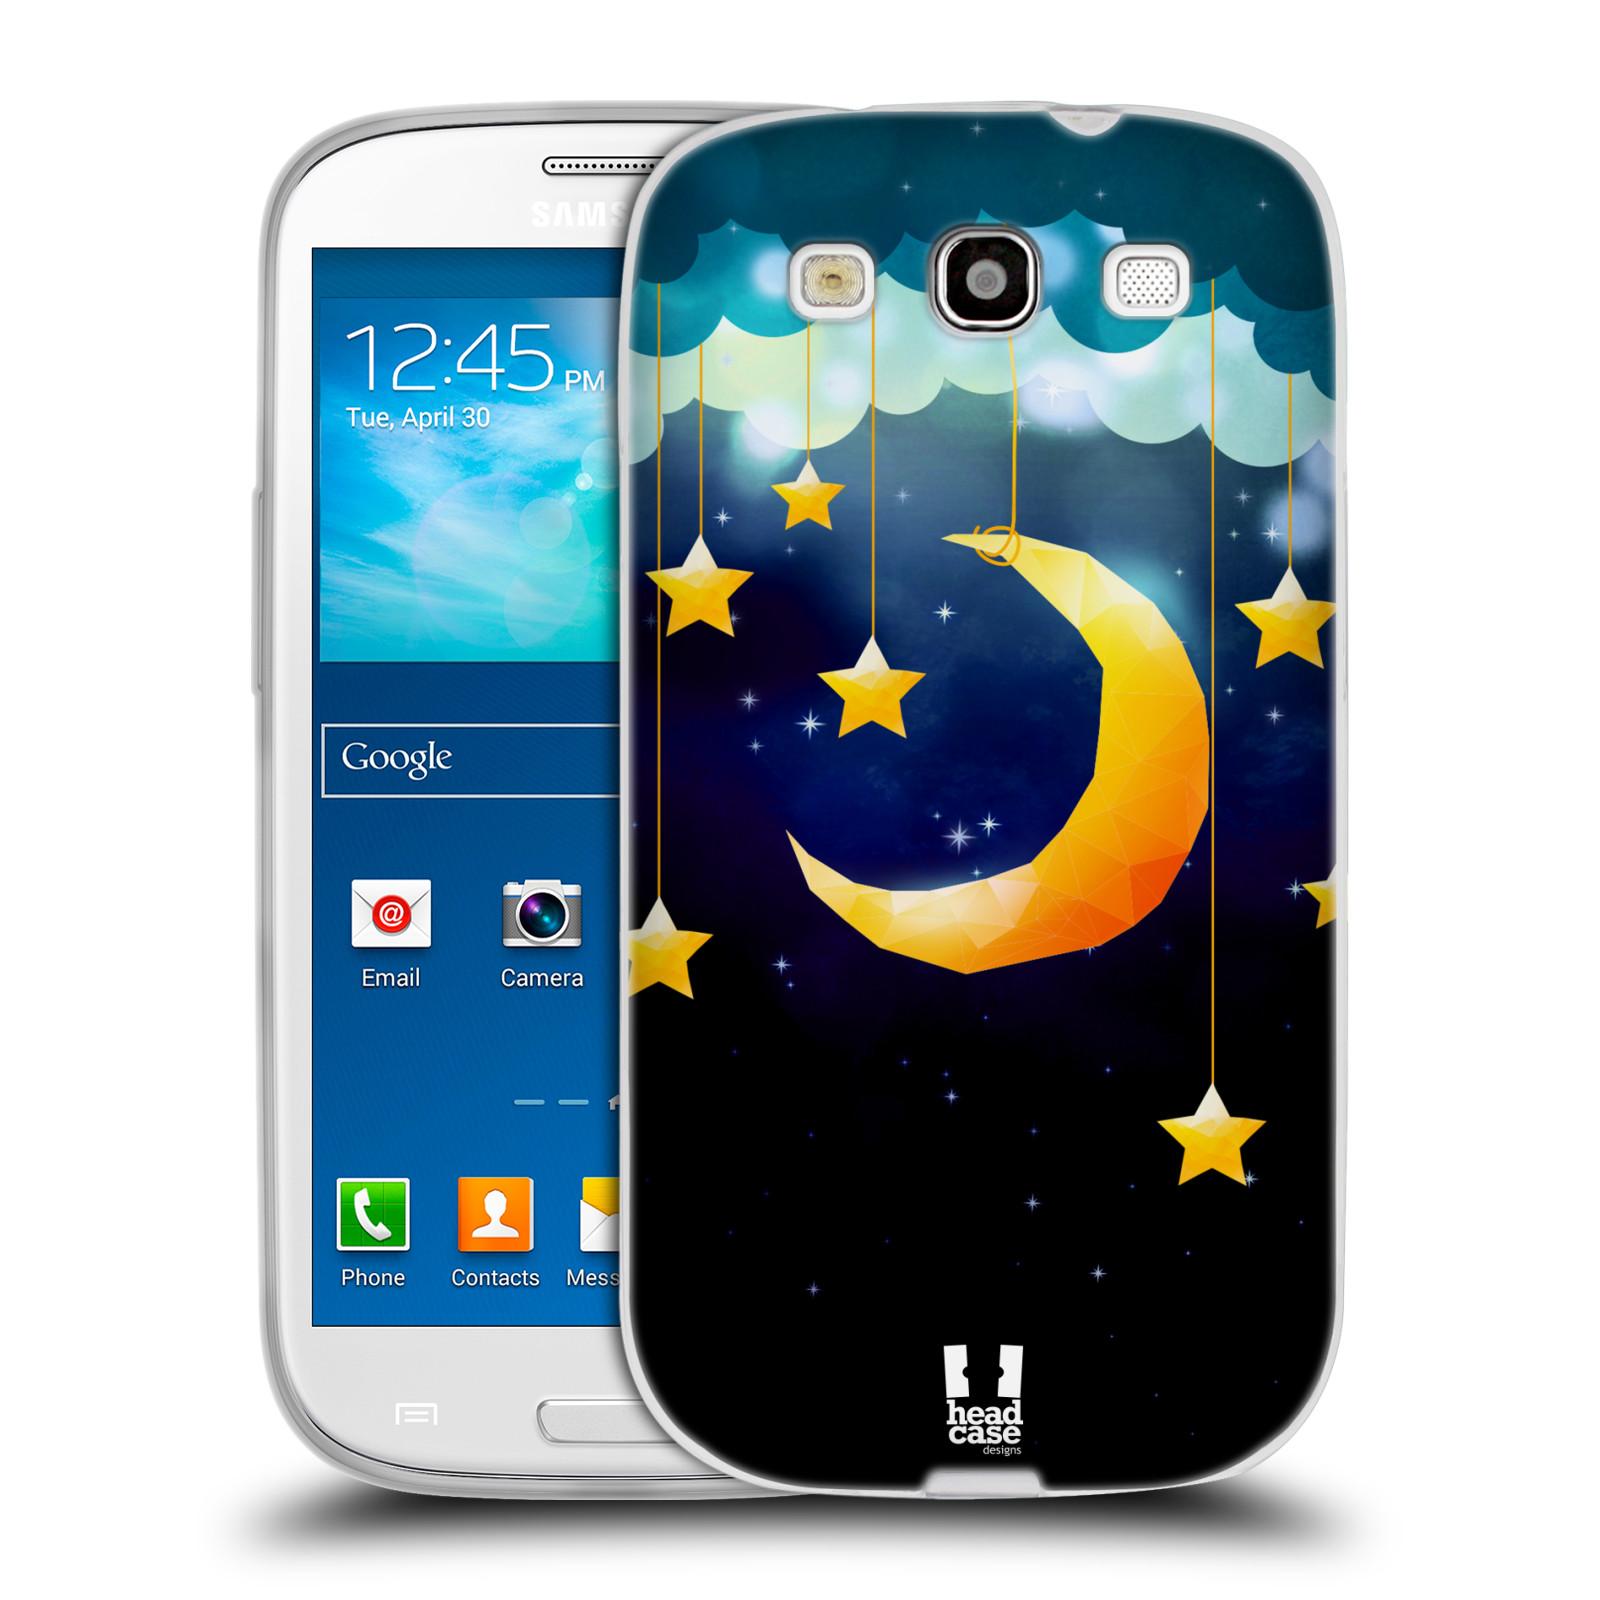 Silikonové pouzdro na mobil Samsung Galaxy S3 Neo HEAD CASE LOVE AFFLOAT MĚSÍC (Silikonový kryt či obal na mobilní telefon Samsung Galaxy S3 Neo GT-i9301i)